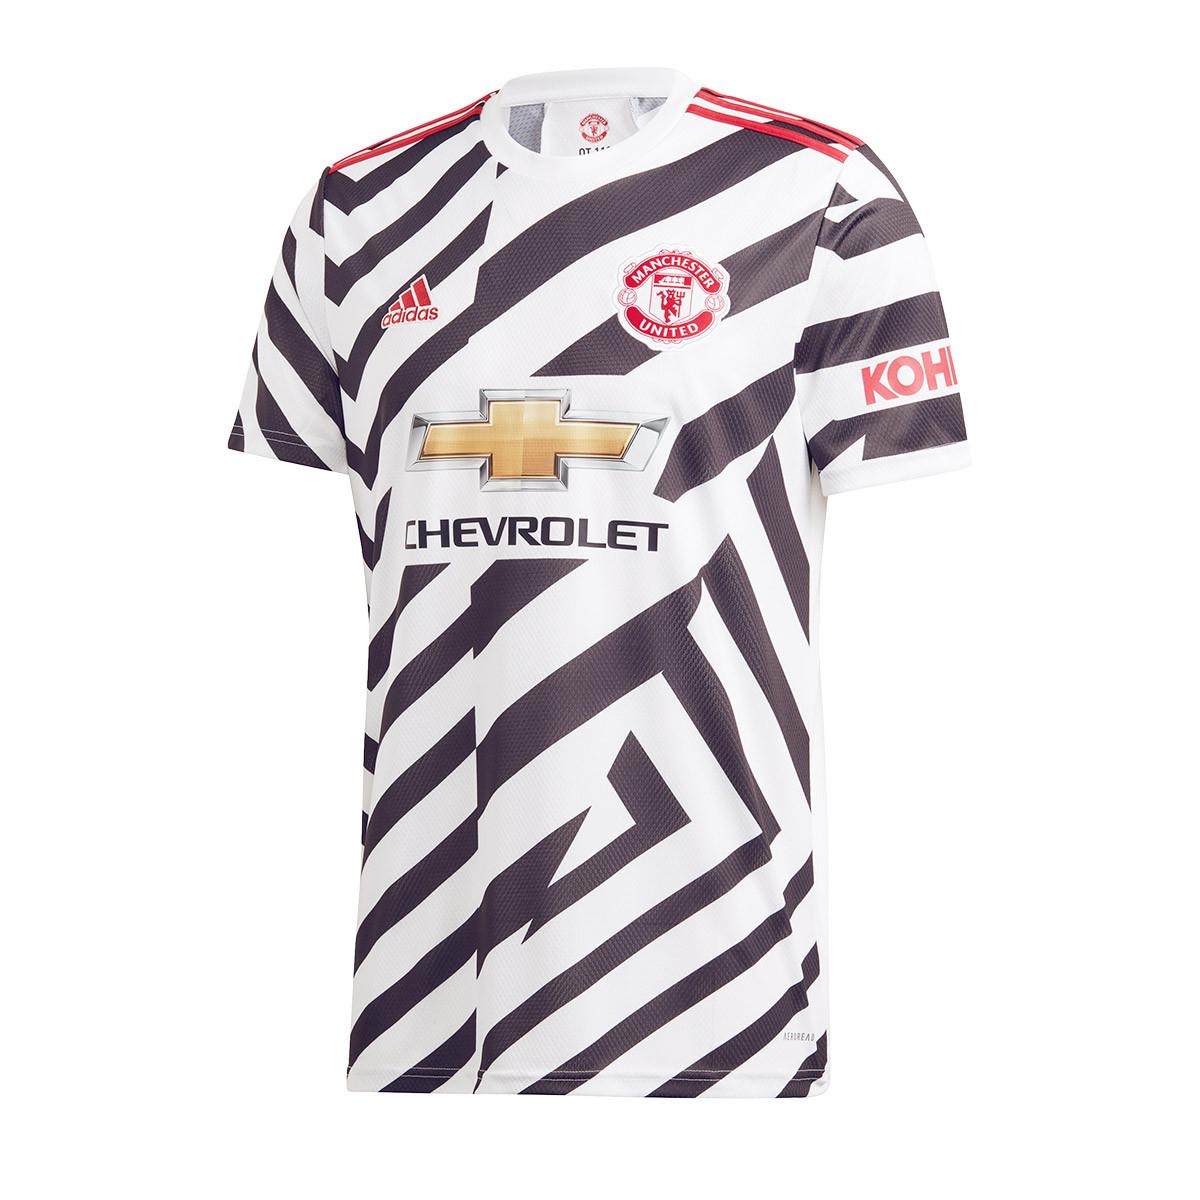 maglia adidas manchester united fc tercera equipacion 2020 2021 white black negozio di calcio futbol emotion maglia adidas manchester united fc tercera equipacion 2020 2021